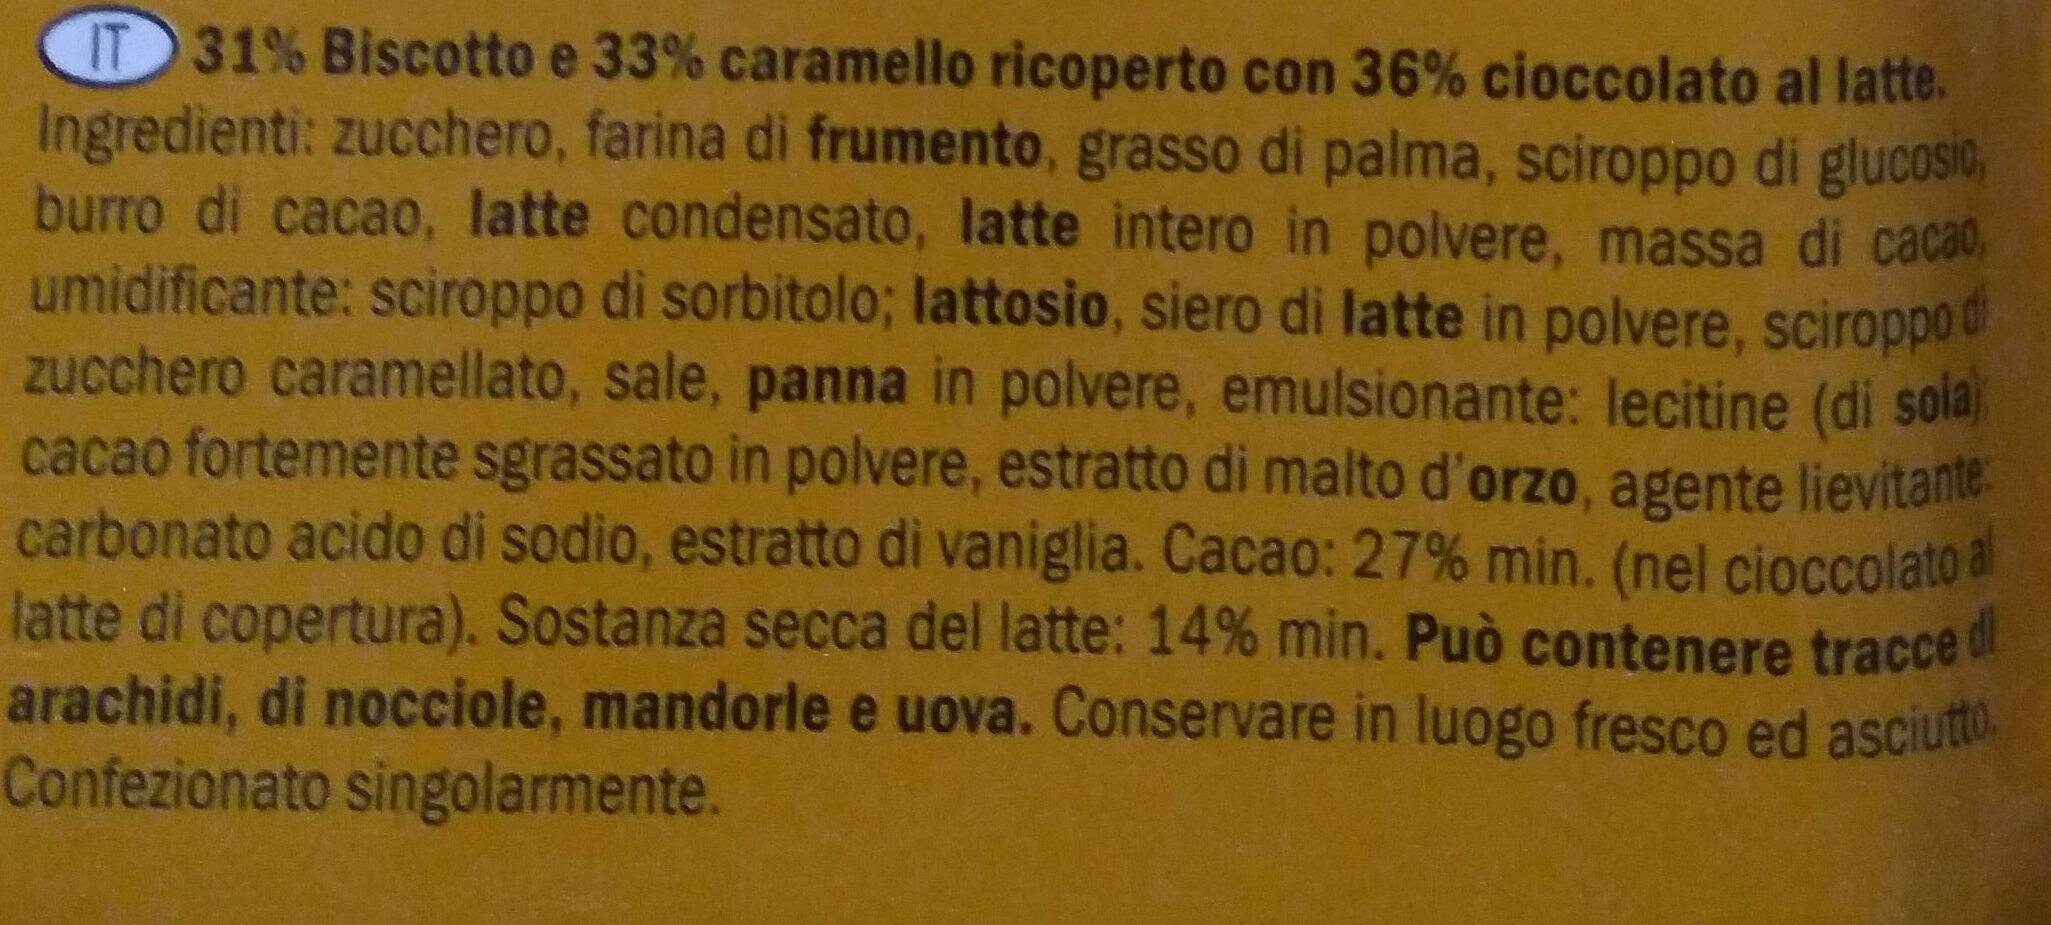 Caramel & Biscuit - Ingredienti - it